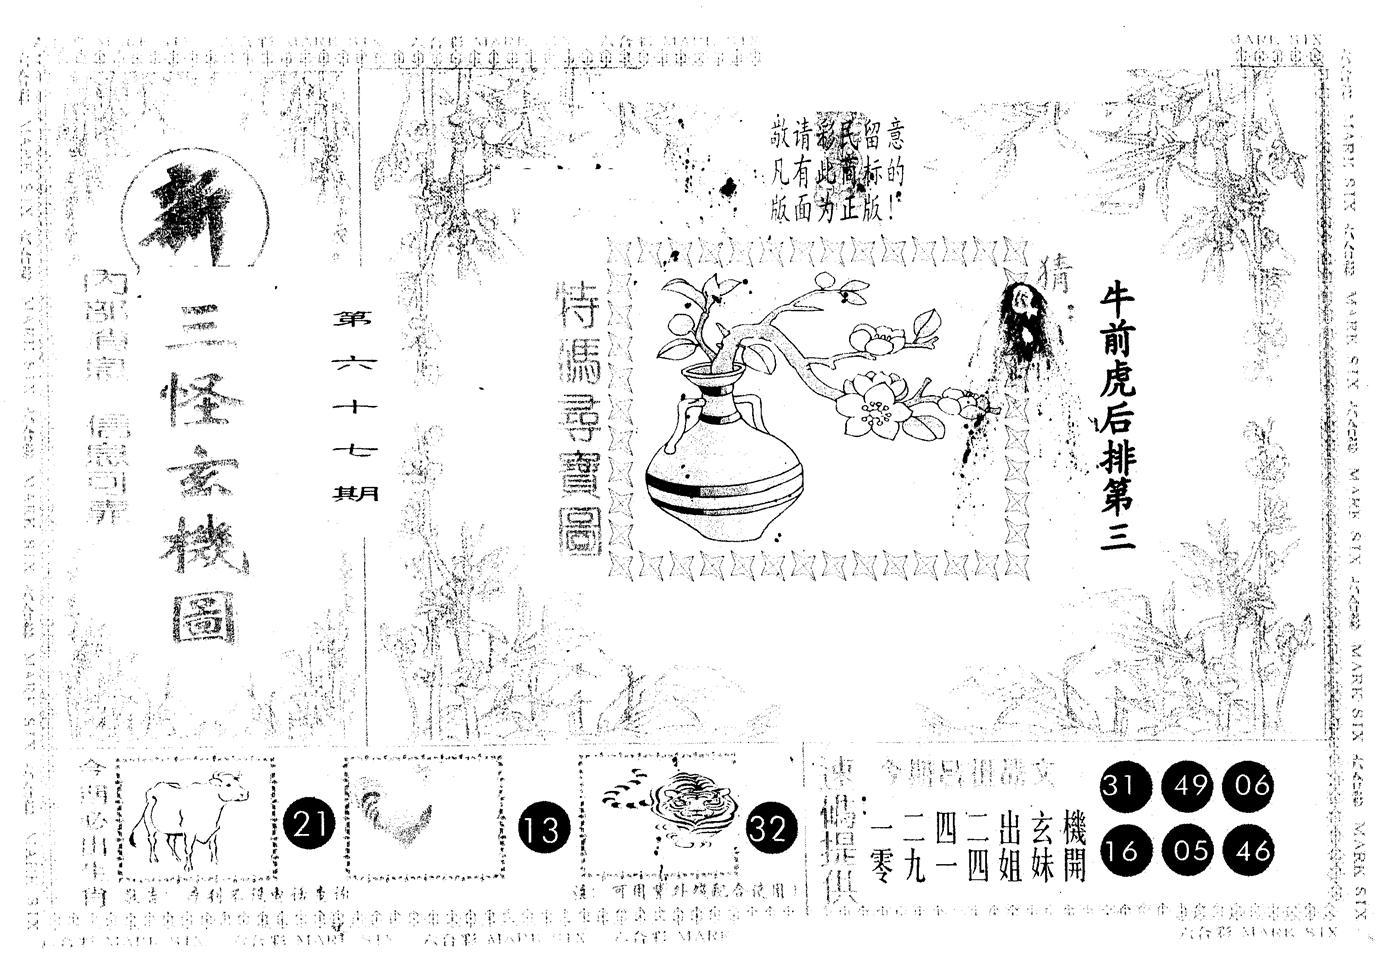 067期另版新三怪(黑白)